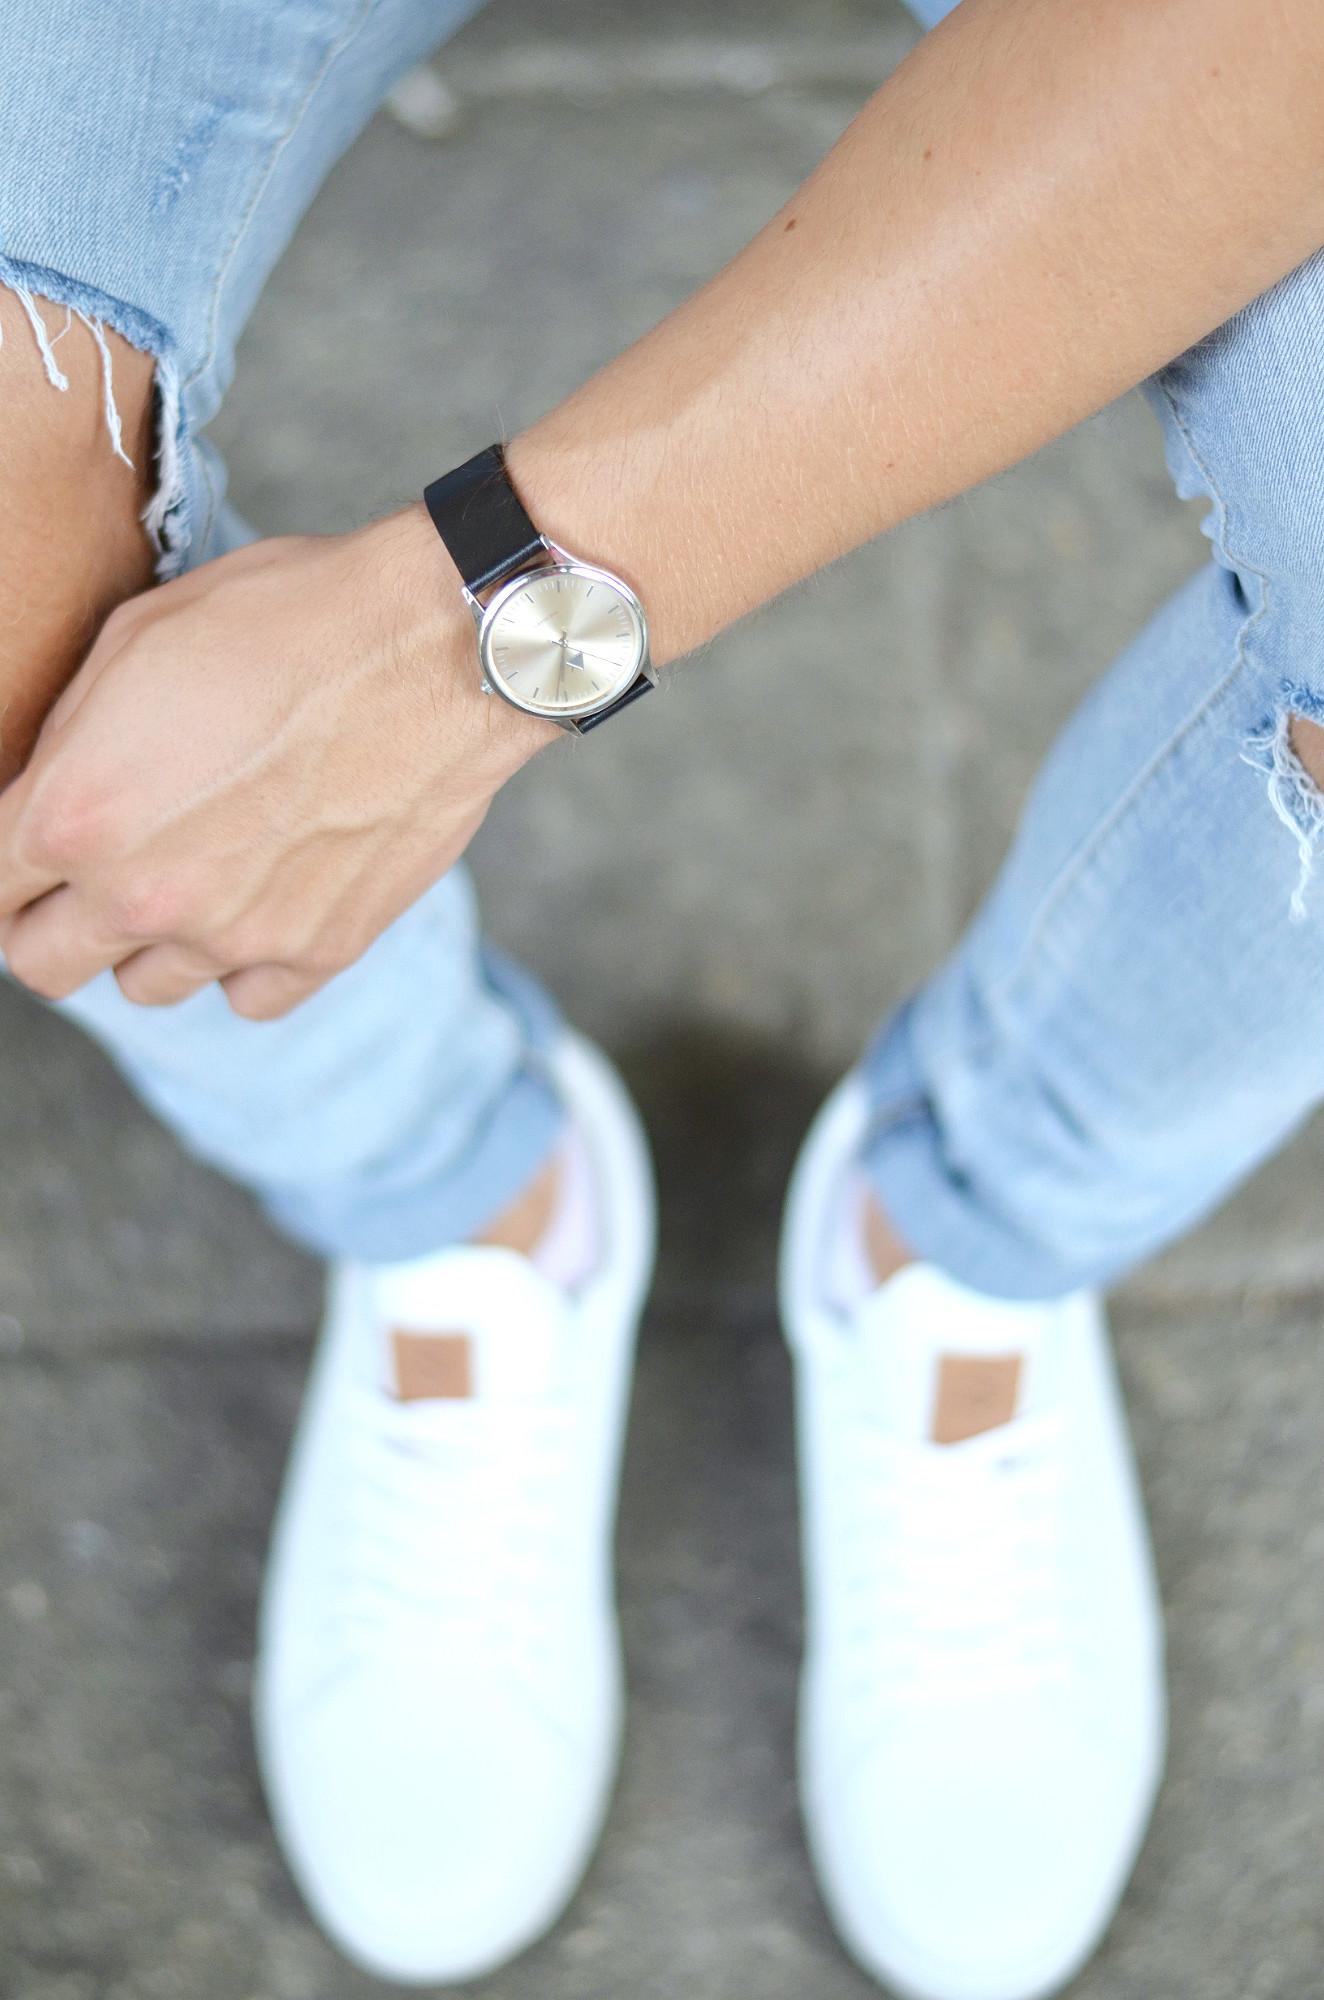 tommeezjerry-longshirt-sneaker-skinny-jeans-fashionblog-watch